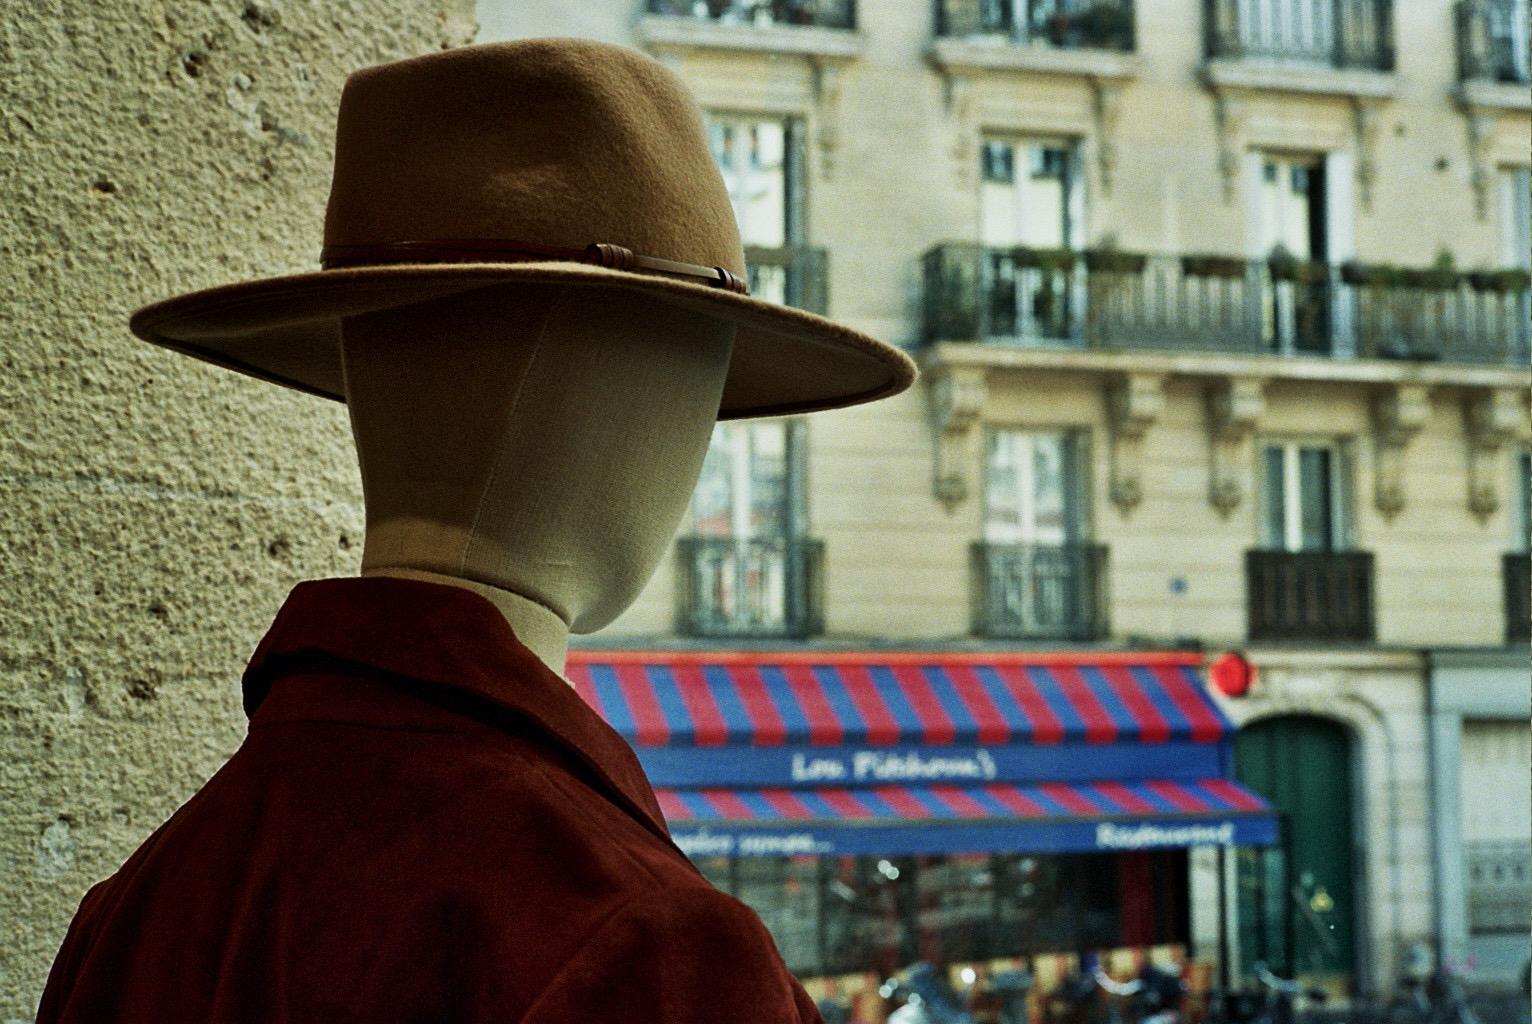 Gentleman looking at the window